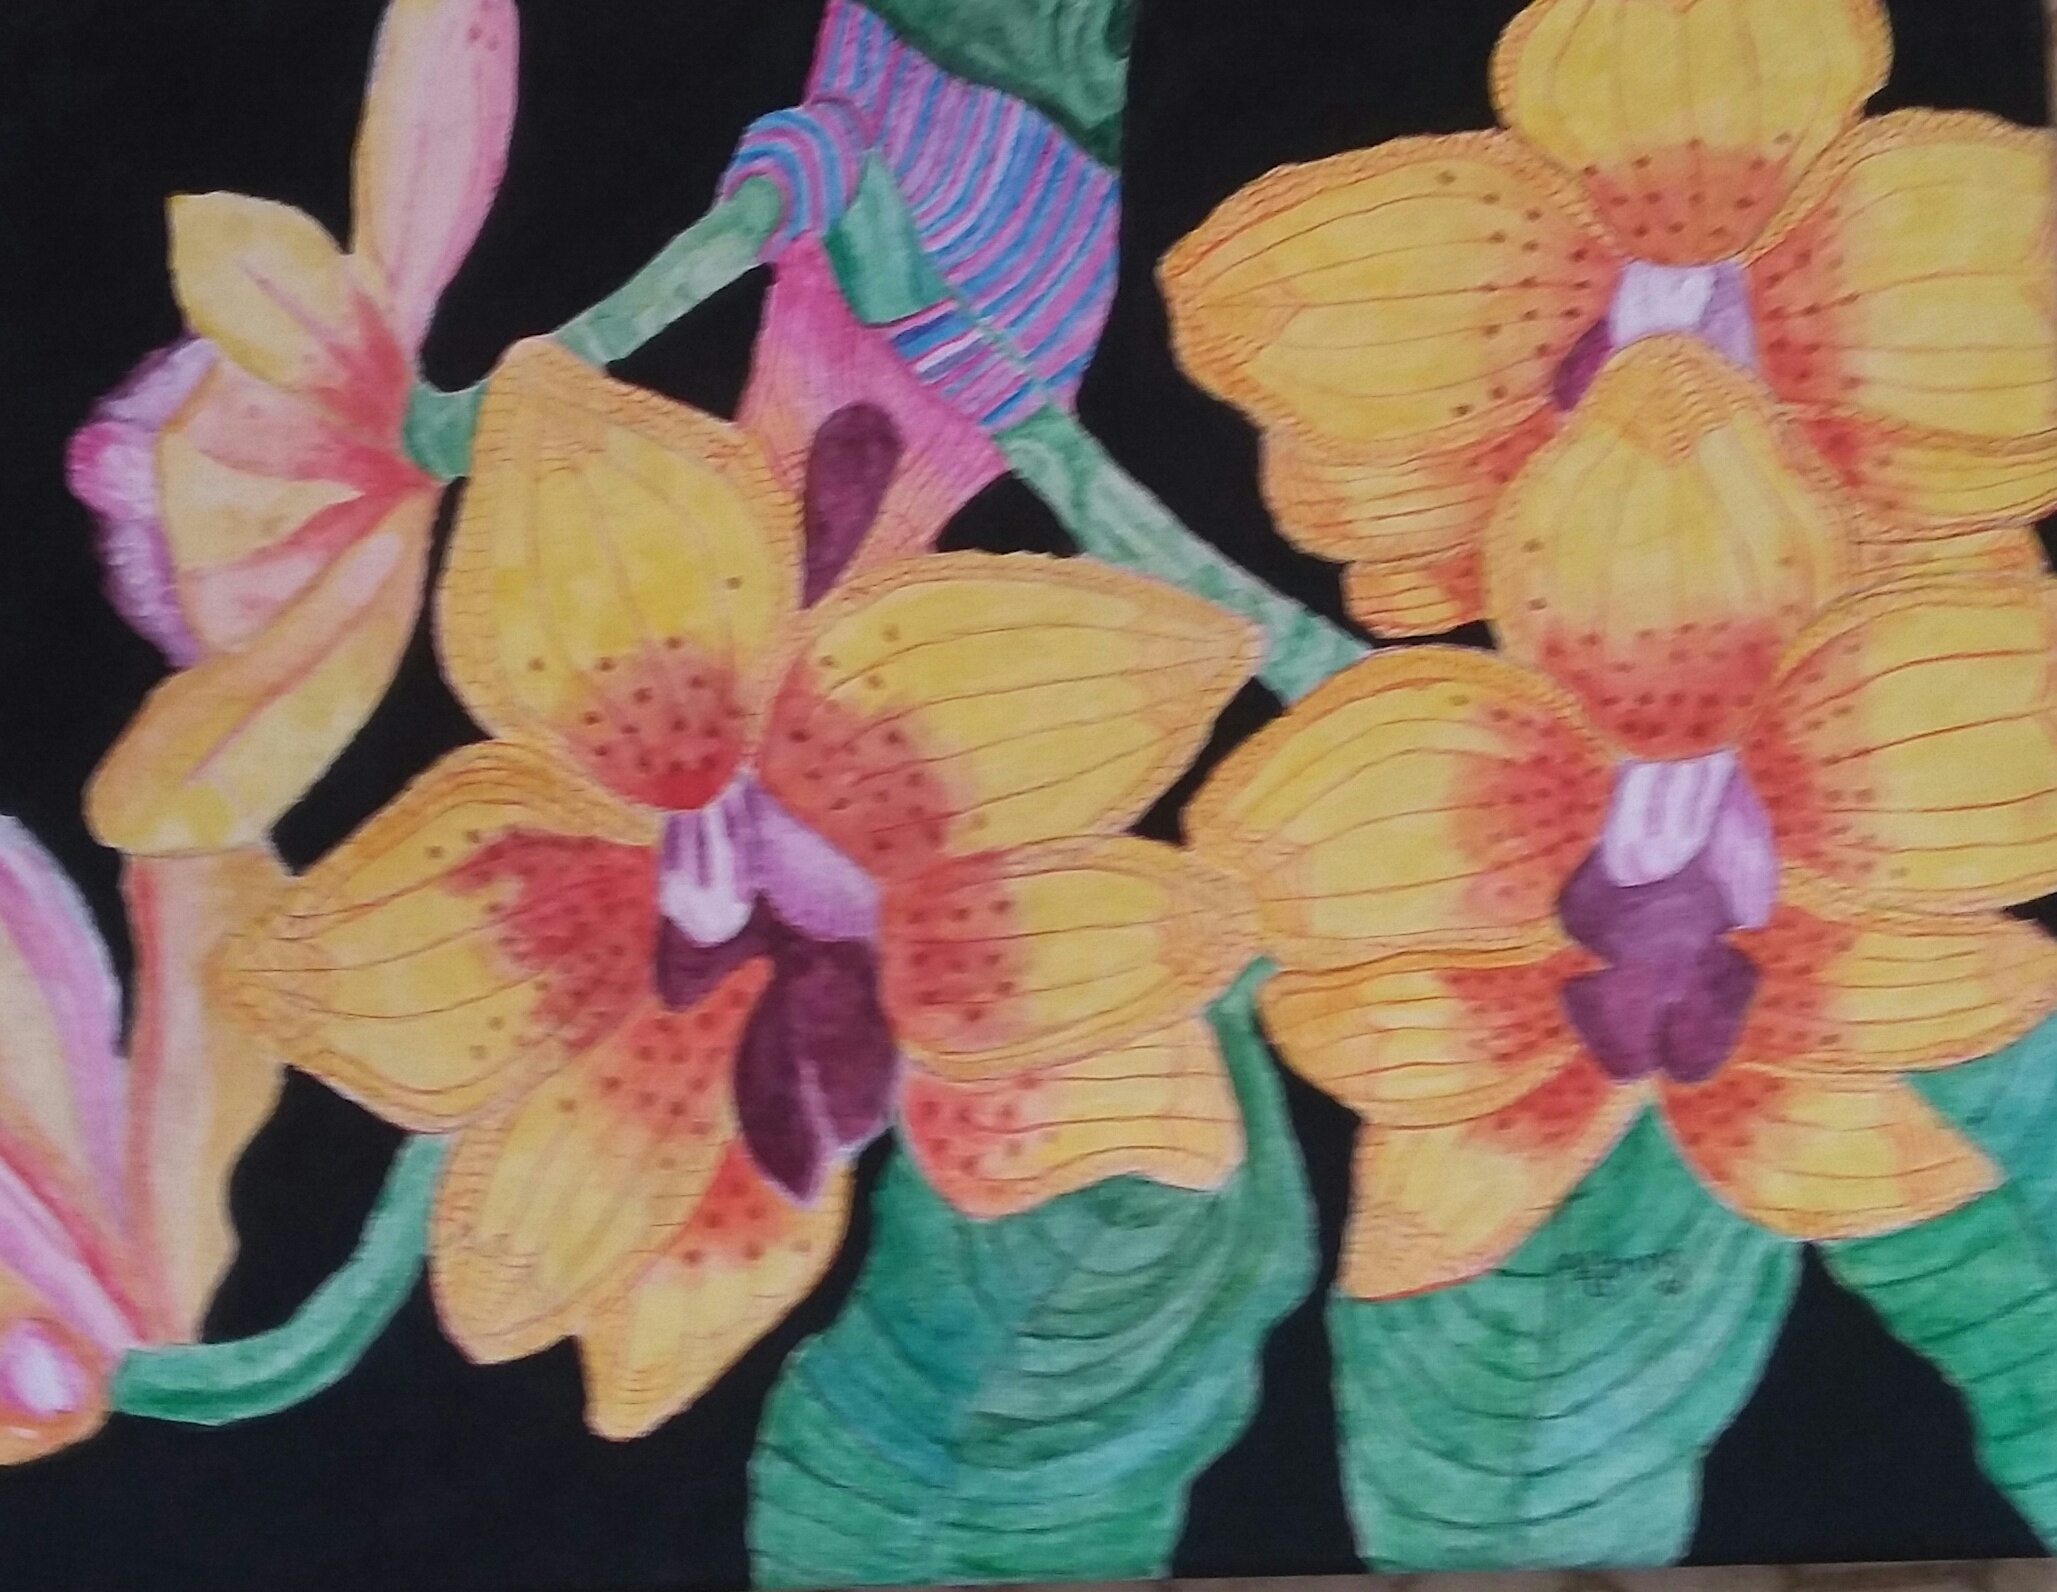 genine-hanns-butterfly-orchid